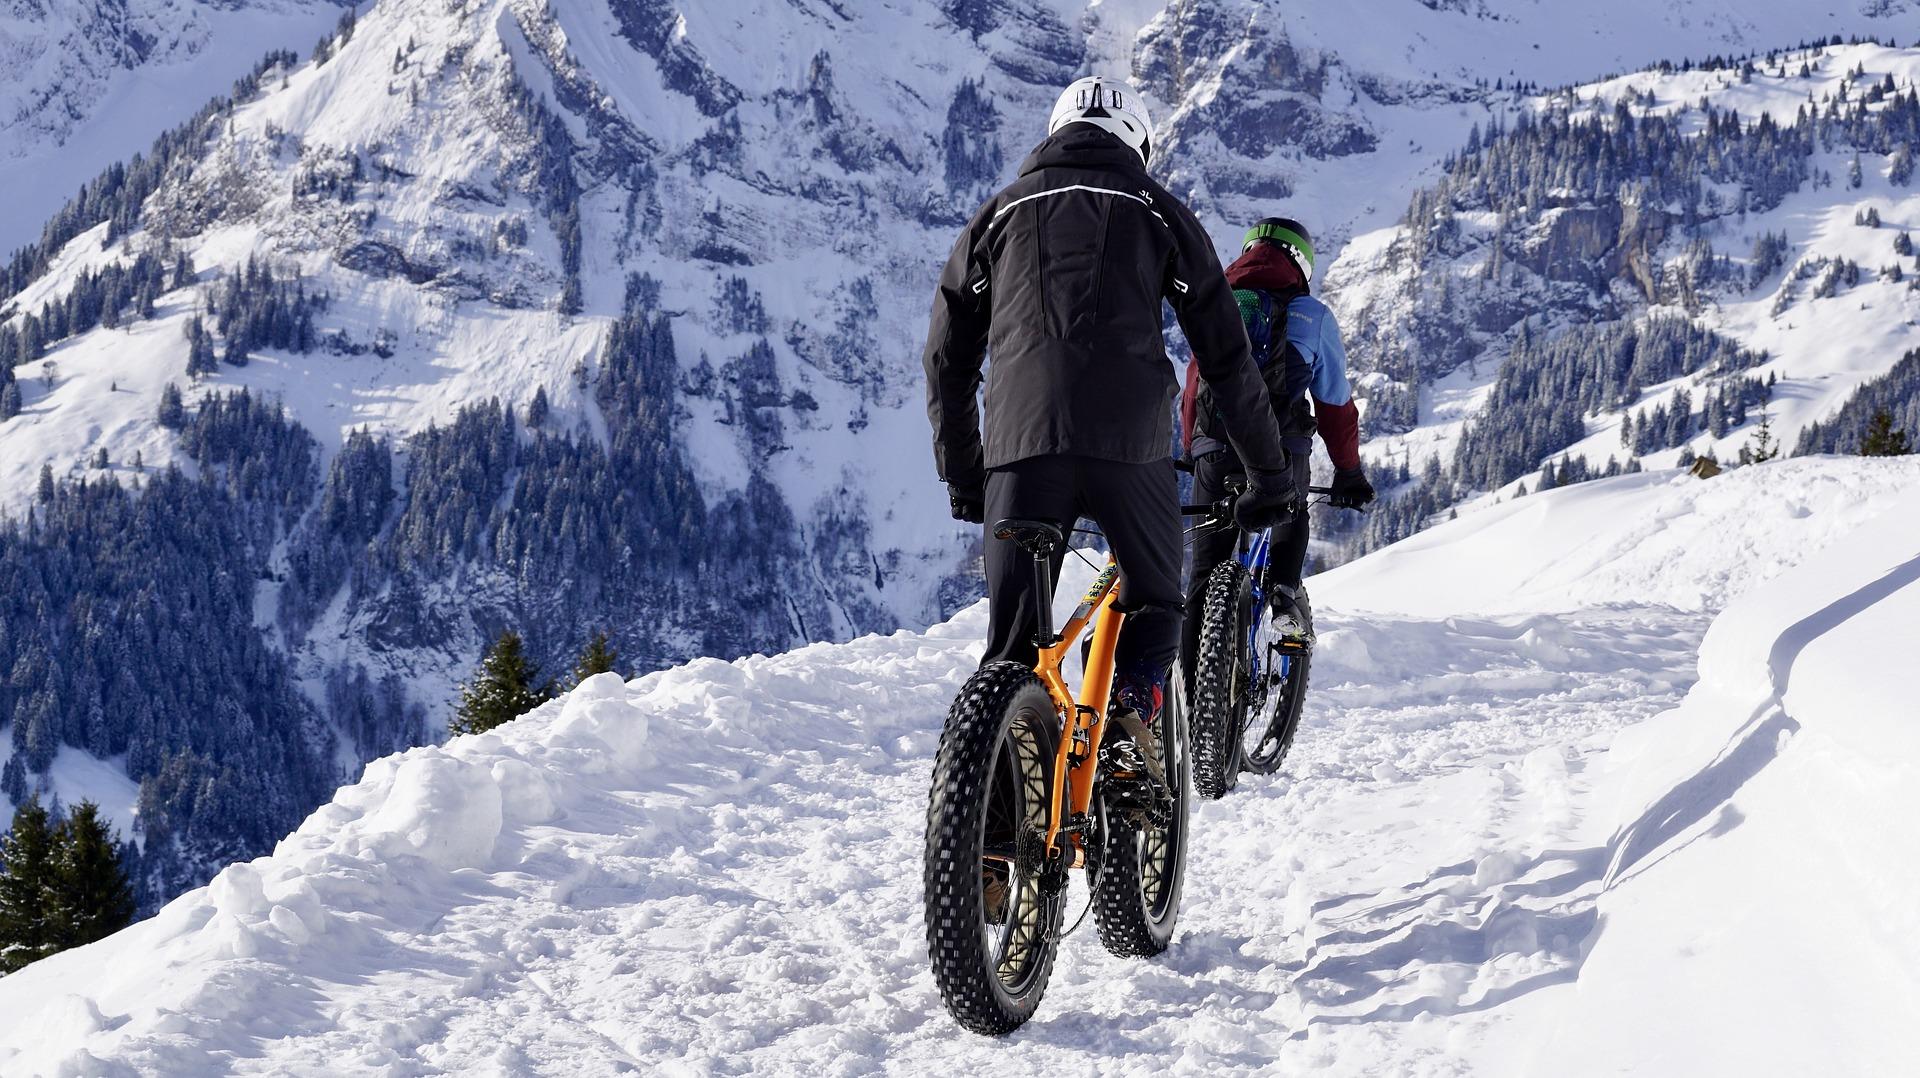 zimowy ubiór do jazdy na rowerze